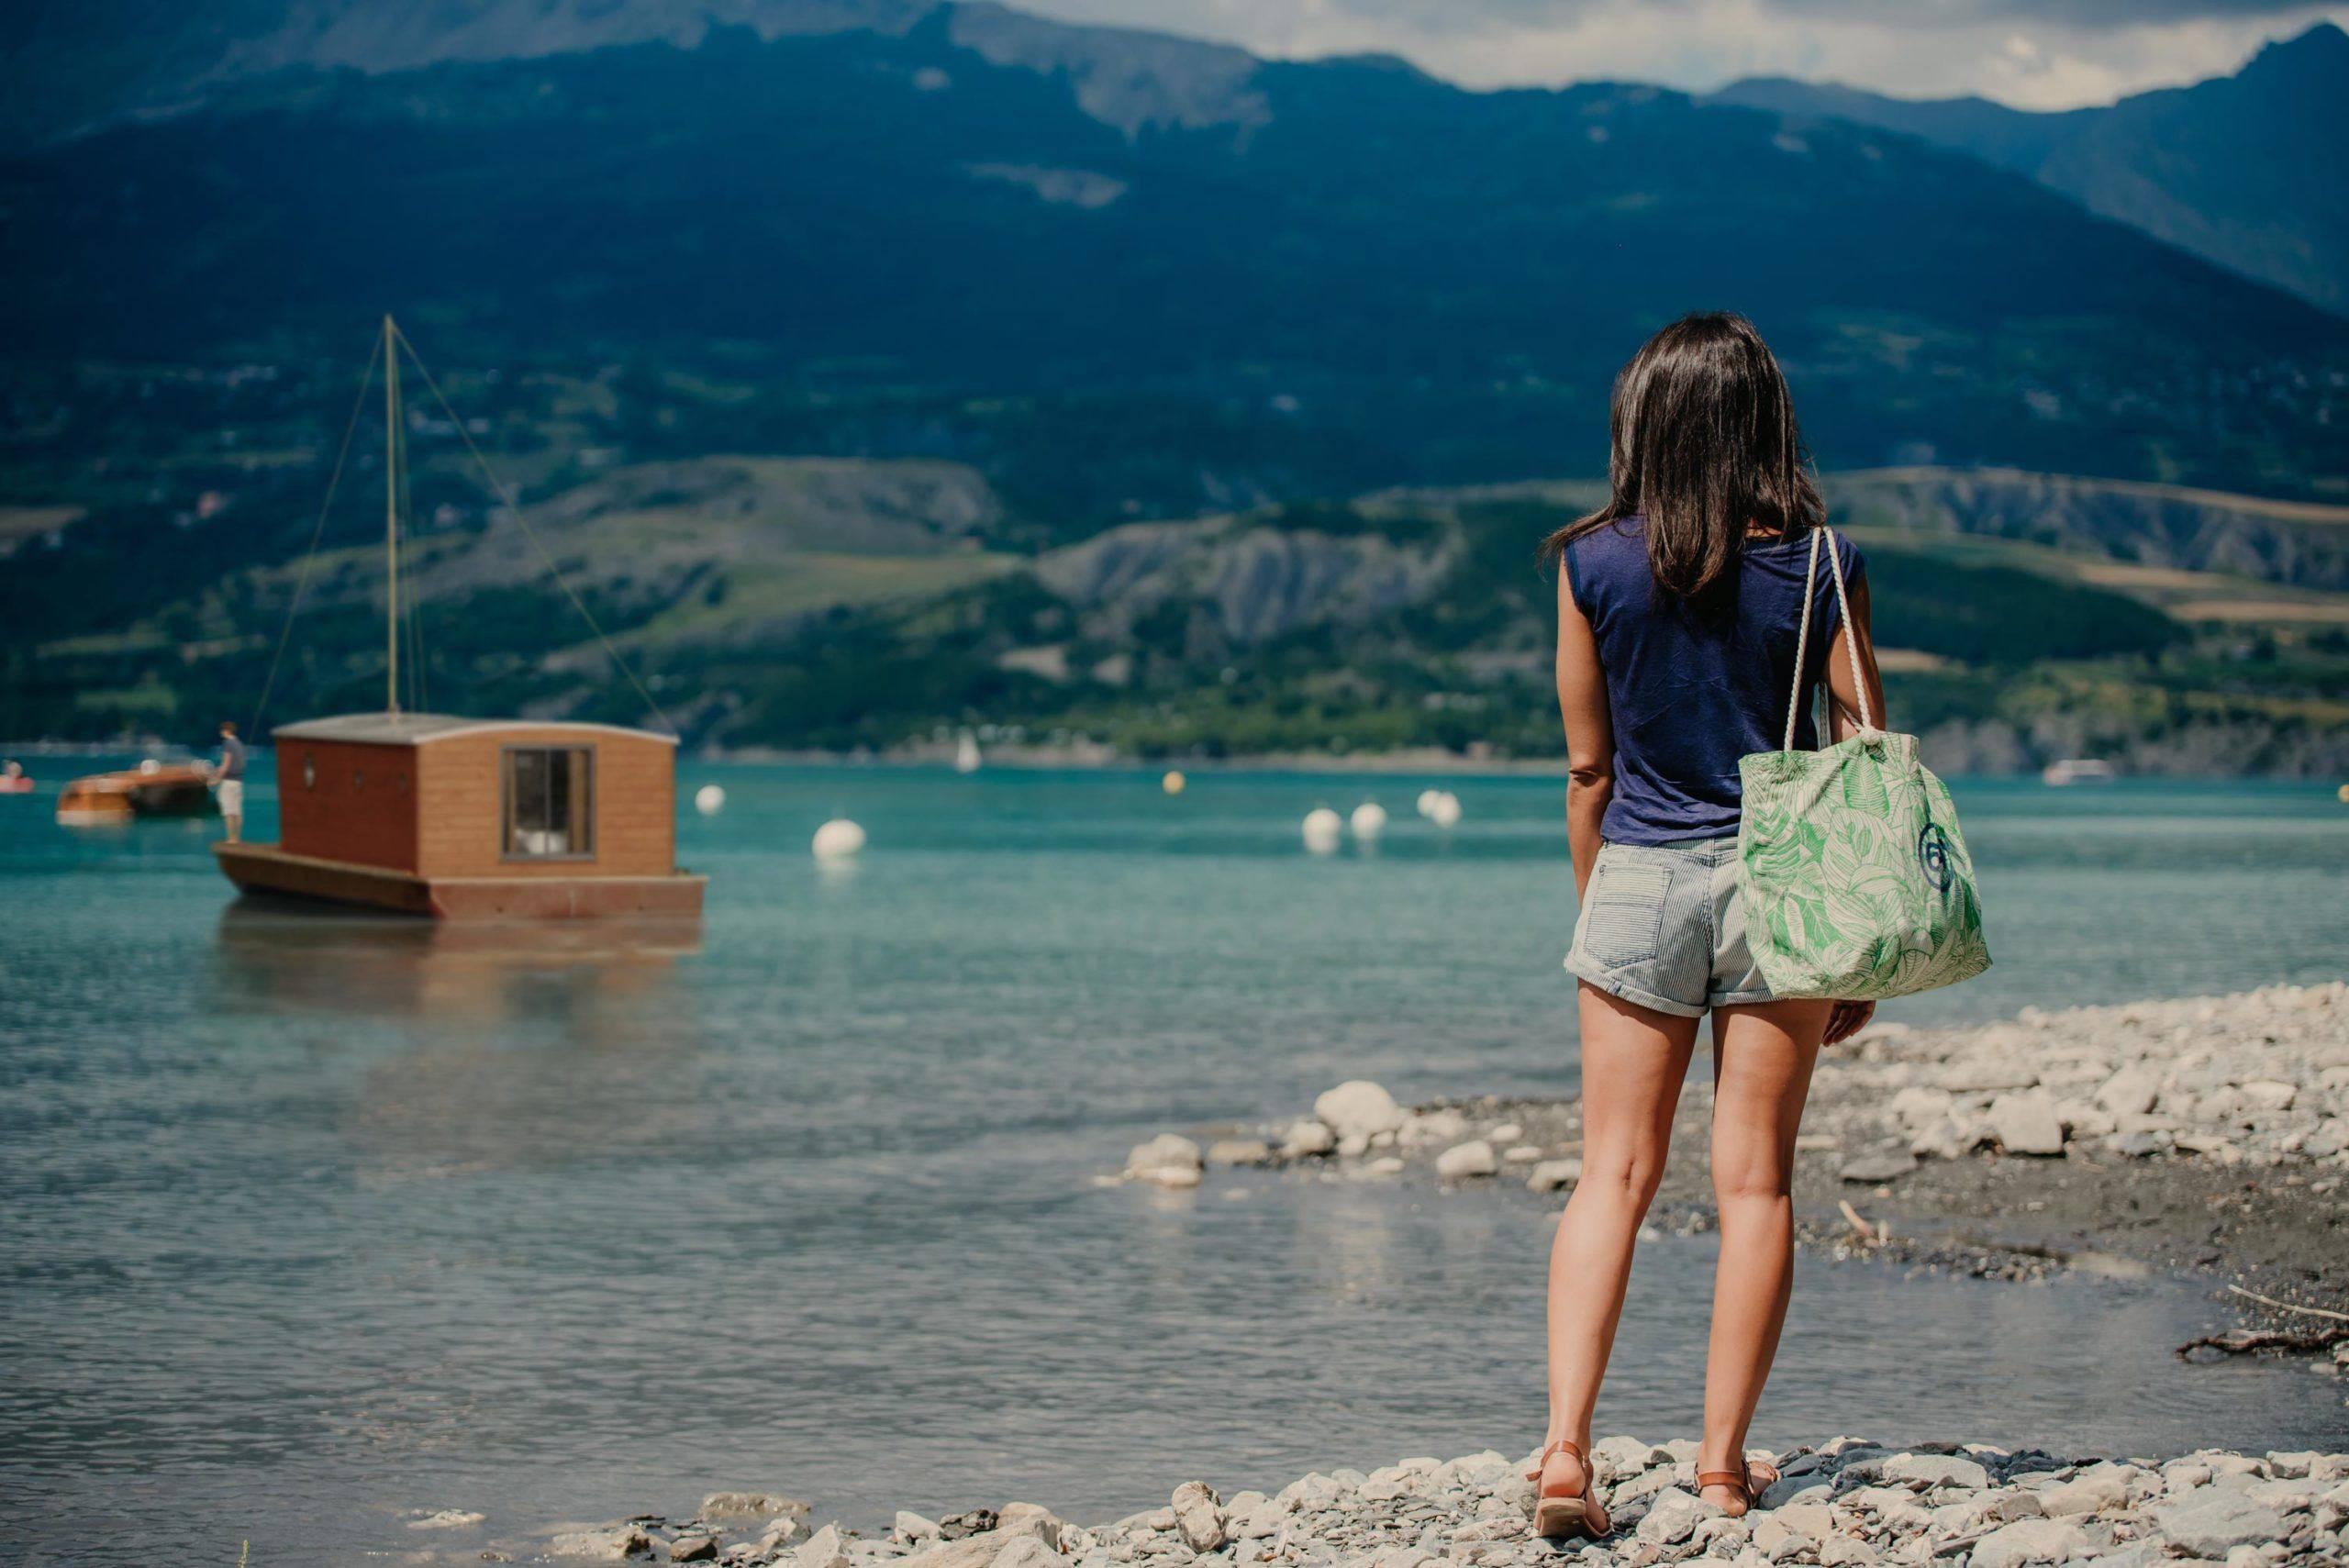 Les toues cabanées du lac de Serre-Ponçon